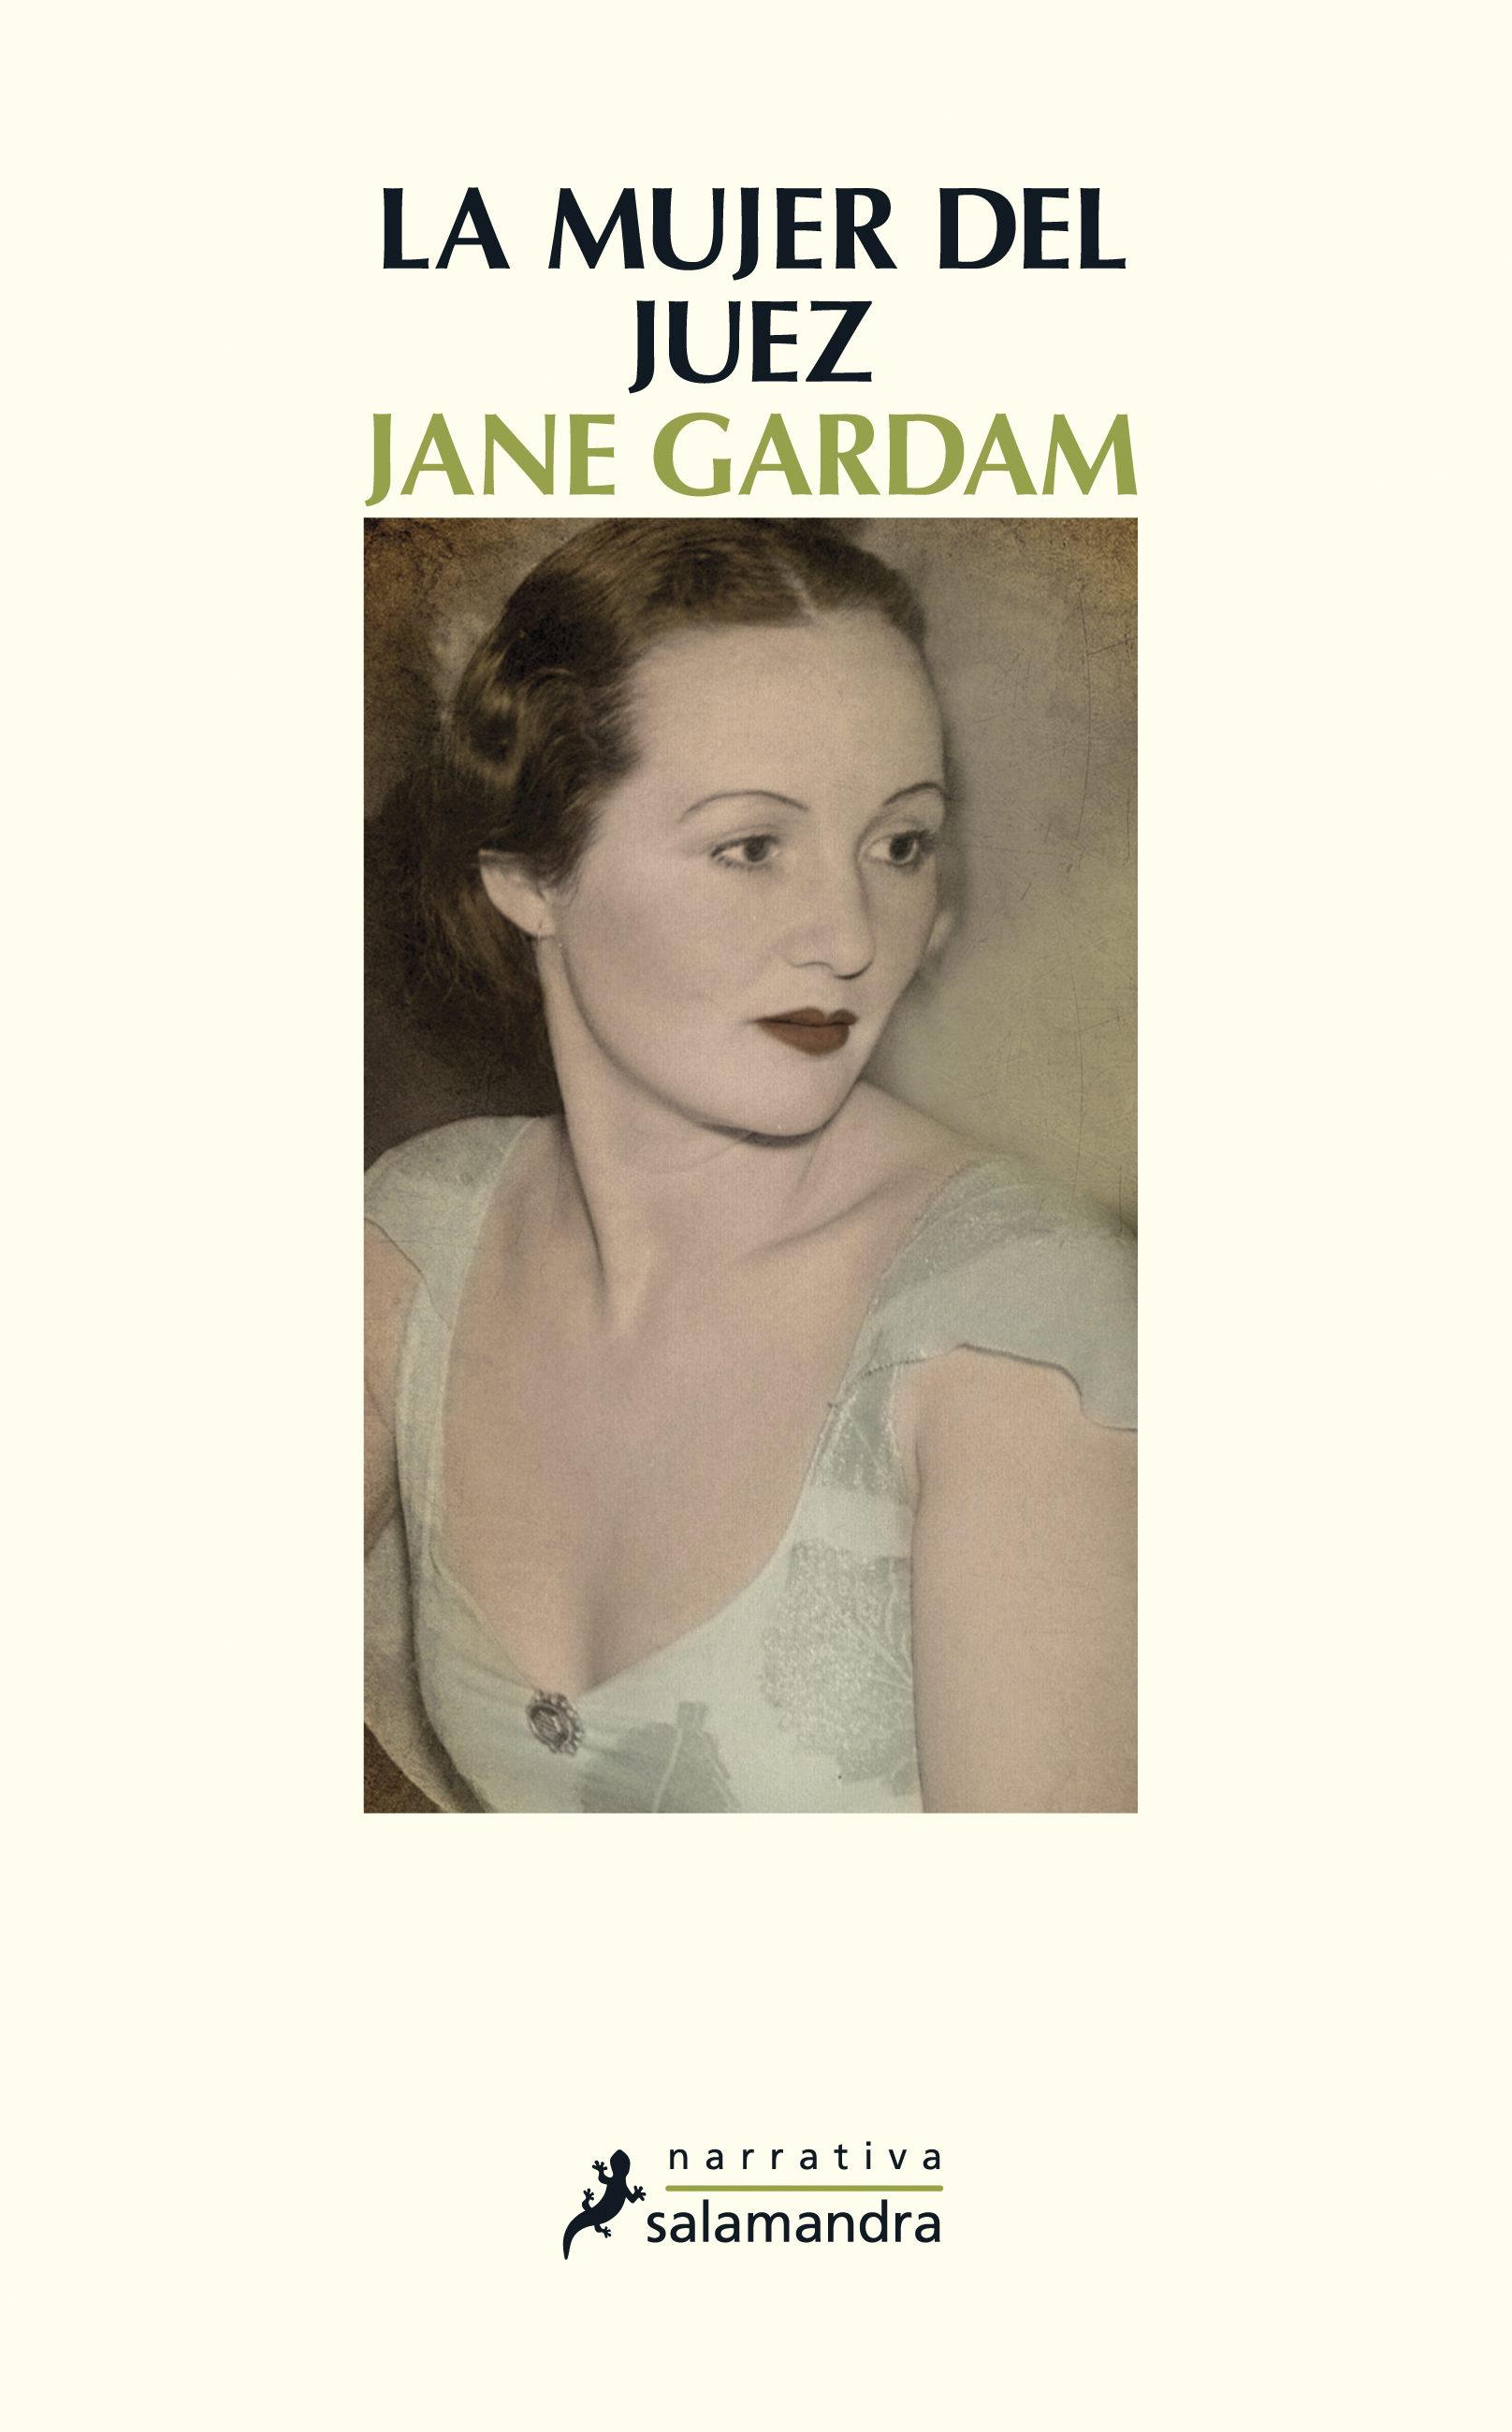 La mujer del juez - Jane Gardam 9788498384970